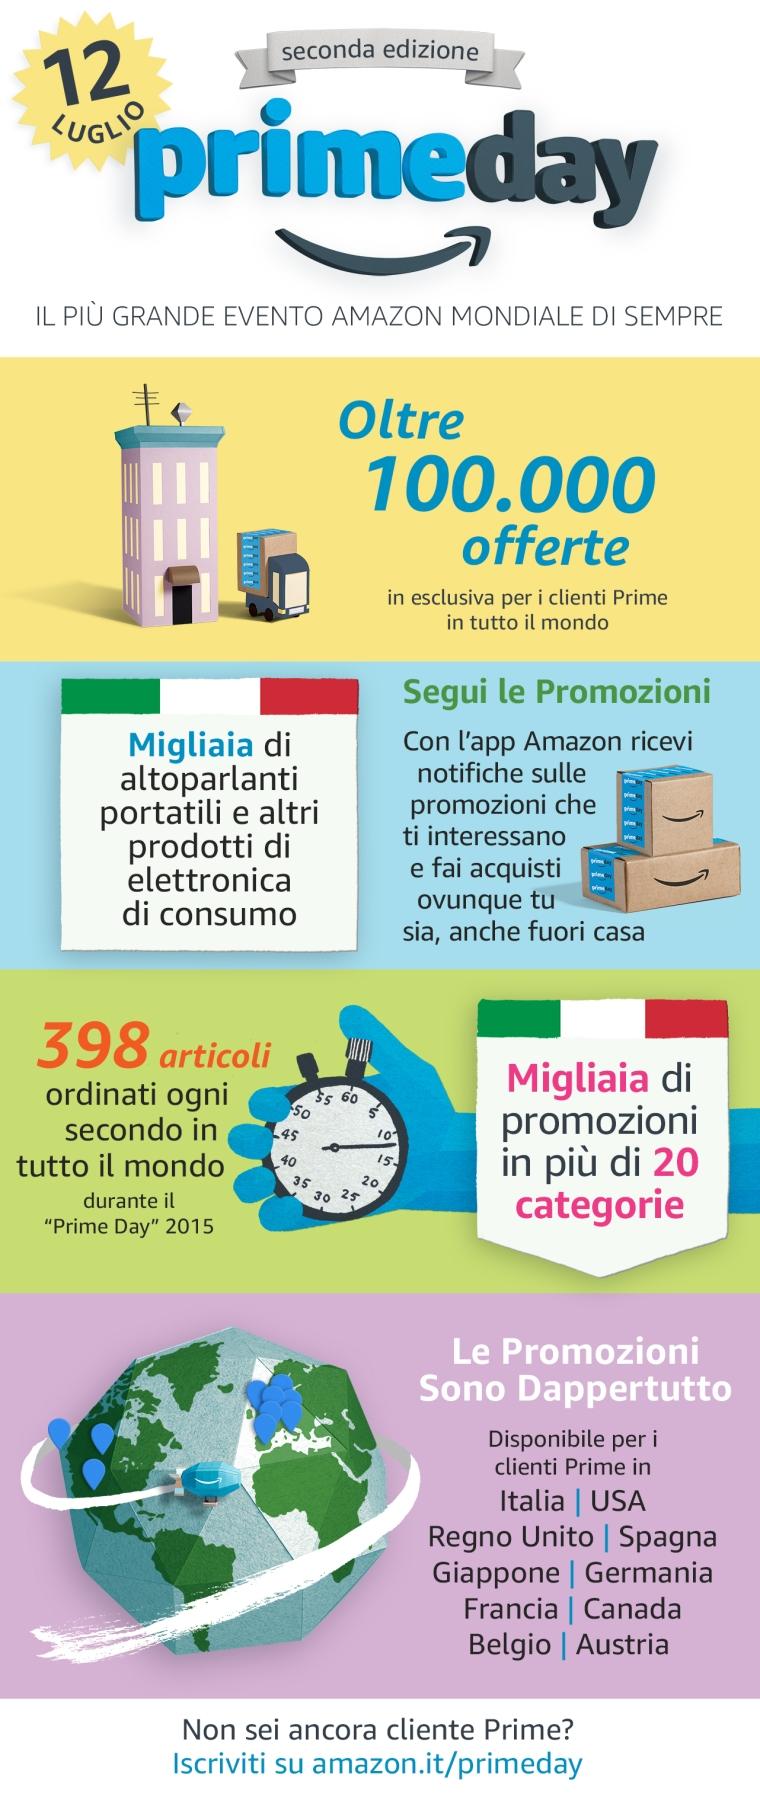 Prime_Day-Italy_r4v1.jpg